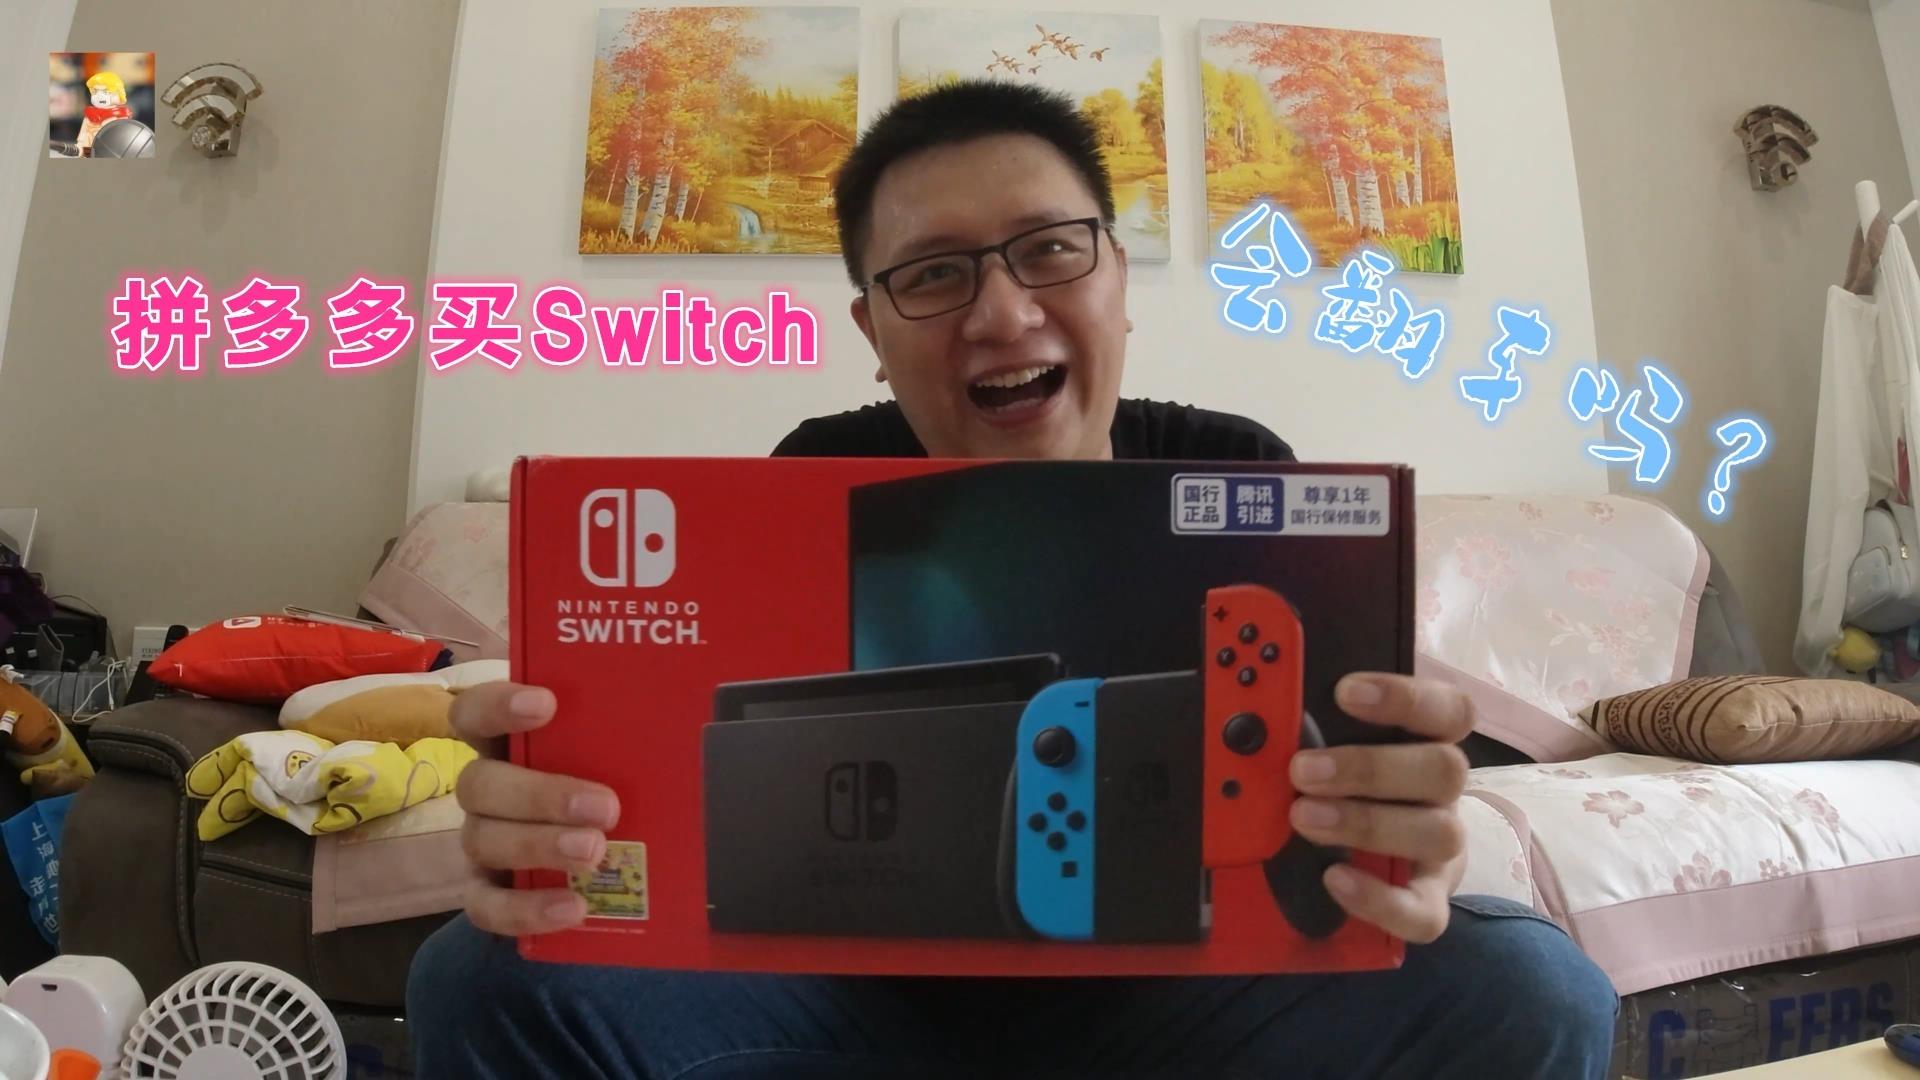 花1700元在拼多多上买一台switch,会翻车吗?